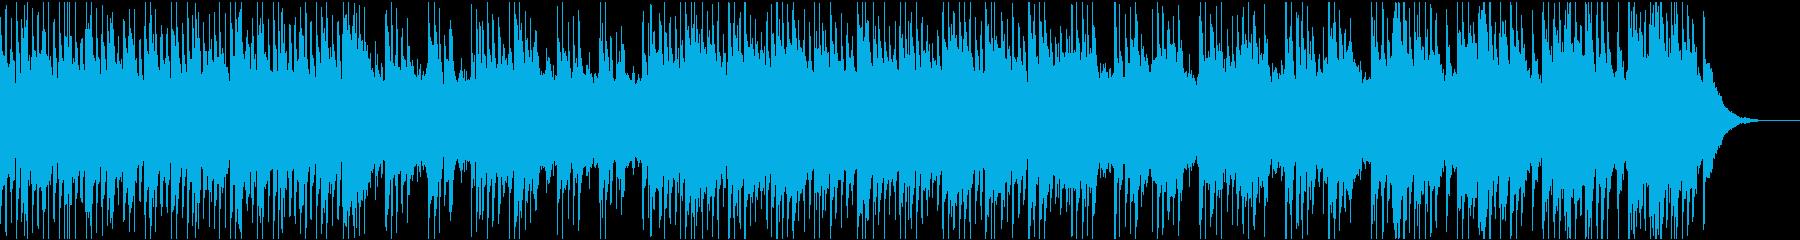 神秘的な雰囲気のケルトミュージックの再生済みの波形